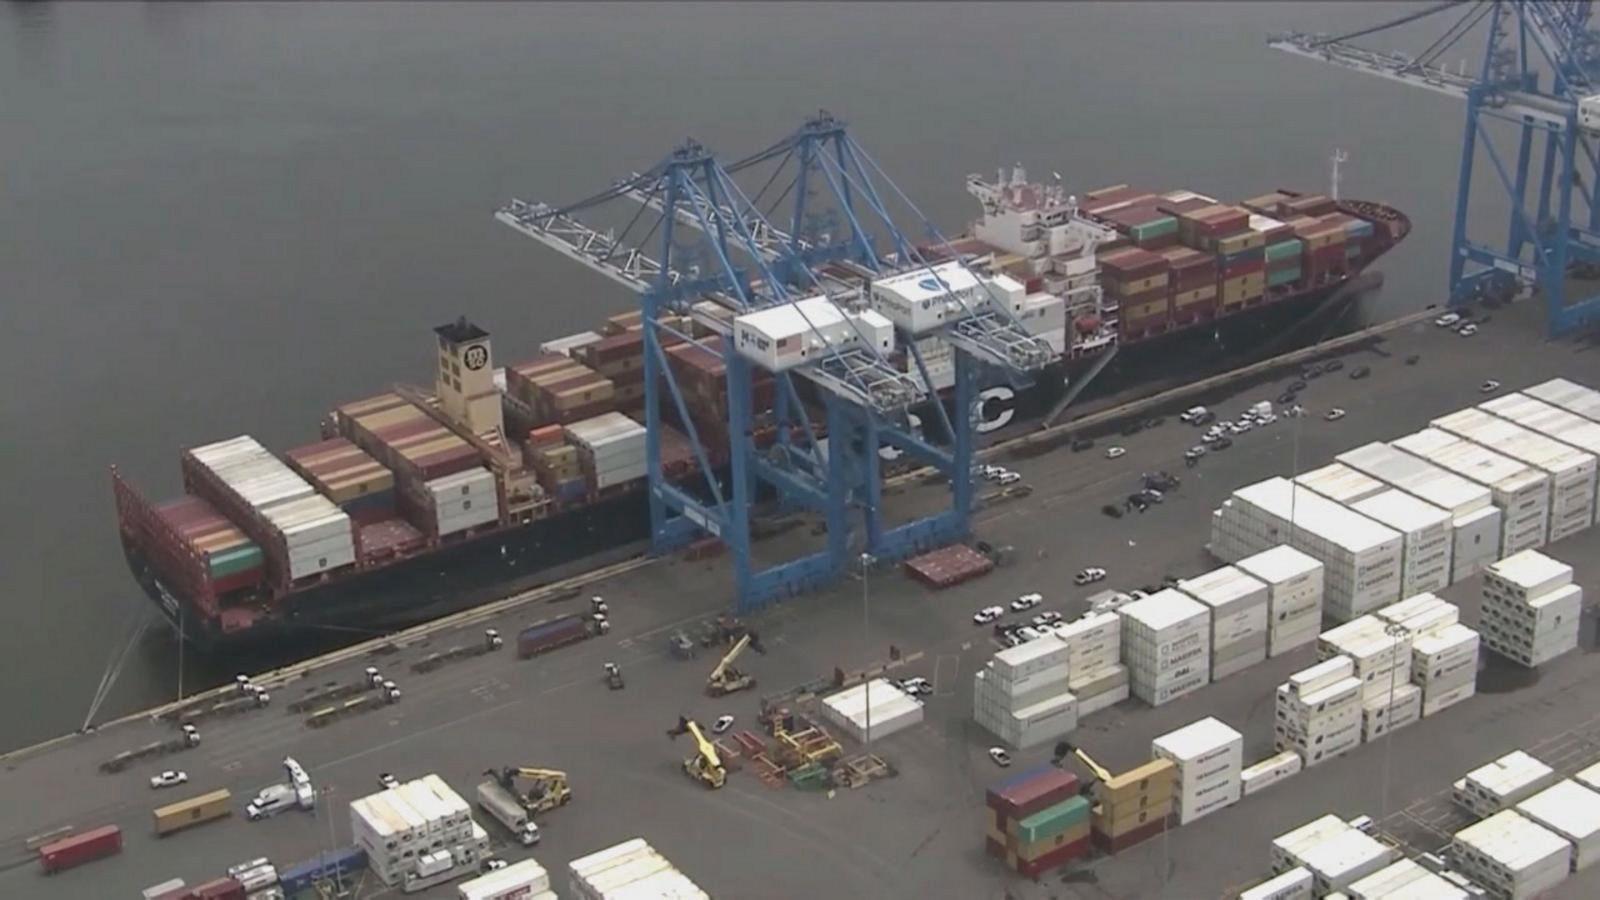 New details in $1 billion drug bust show how smugglers snuck 16 5